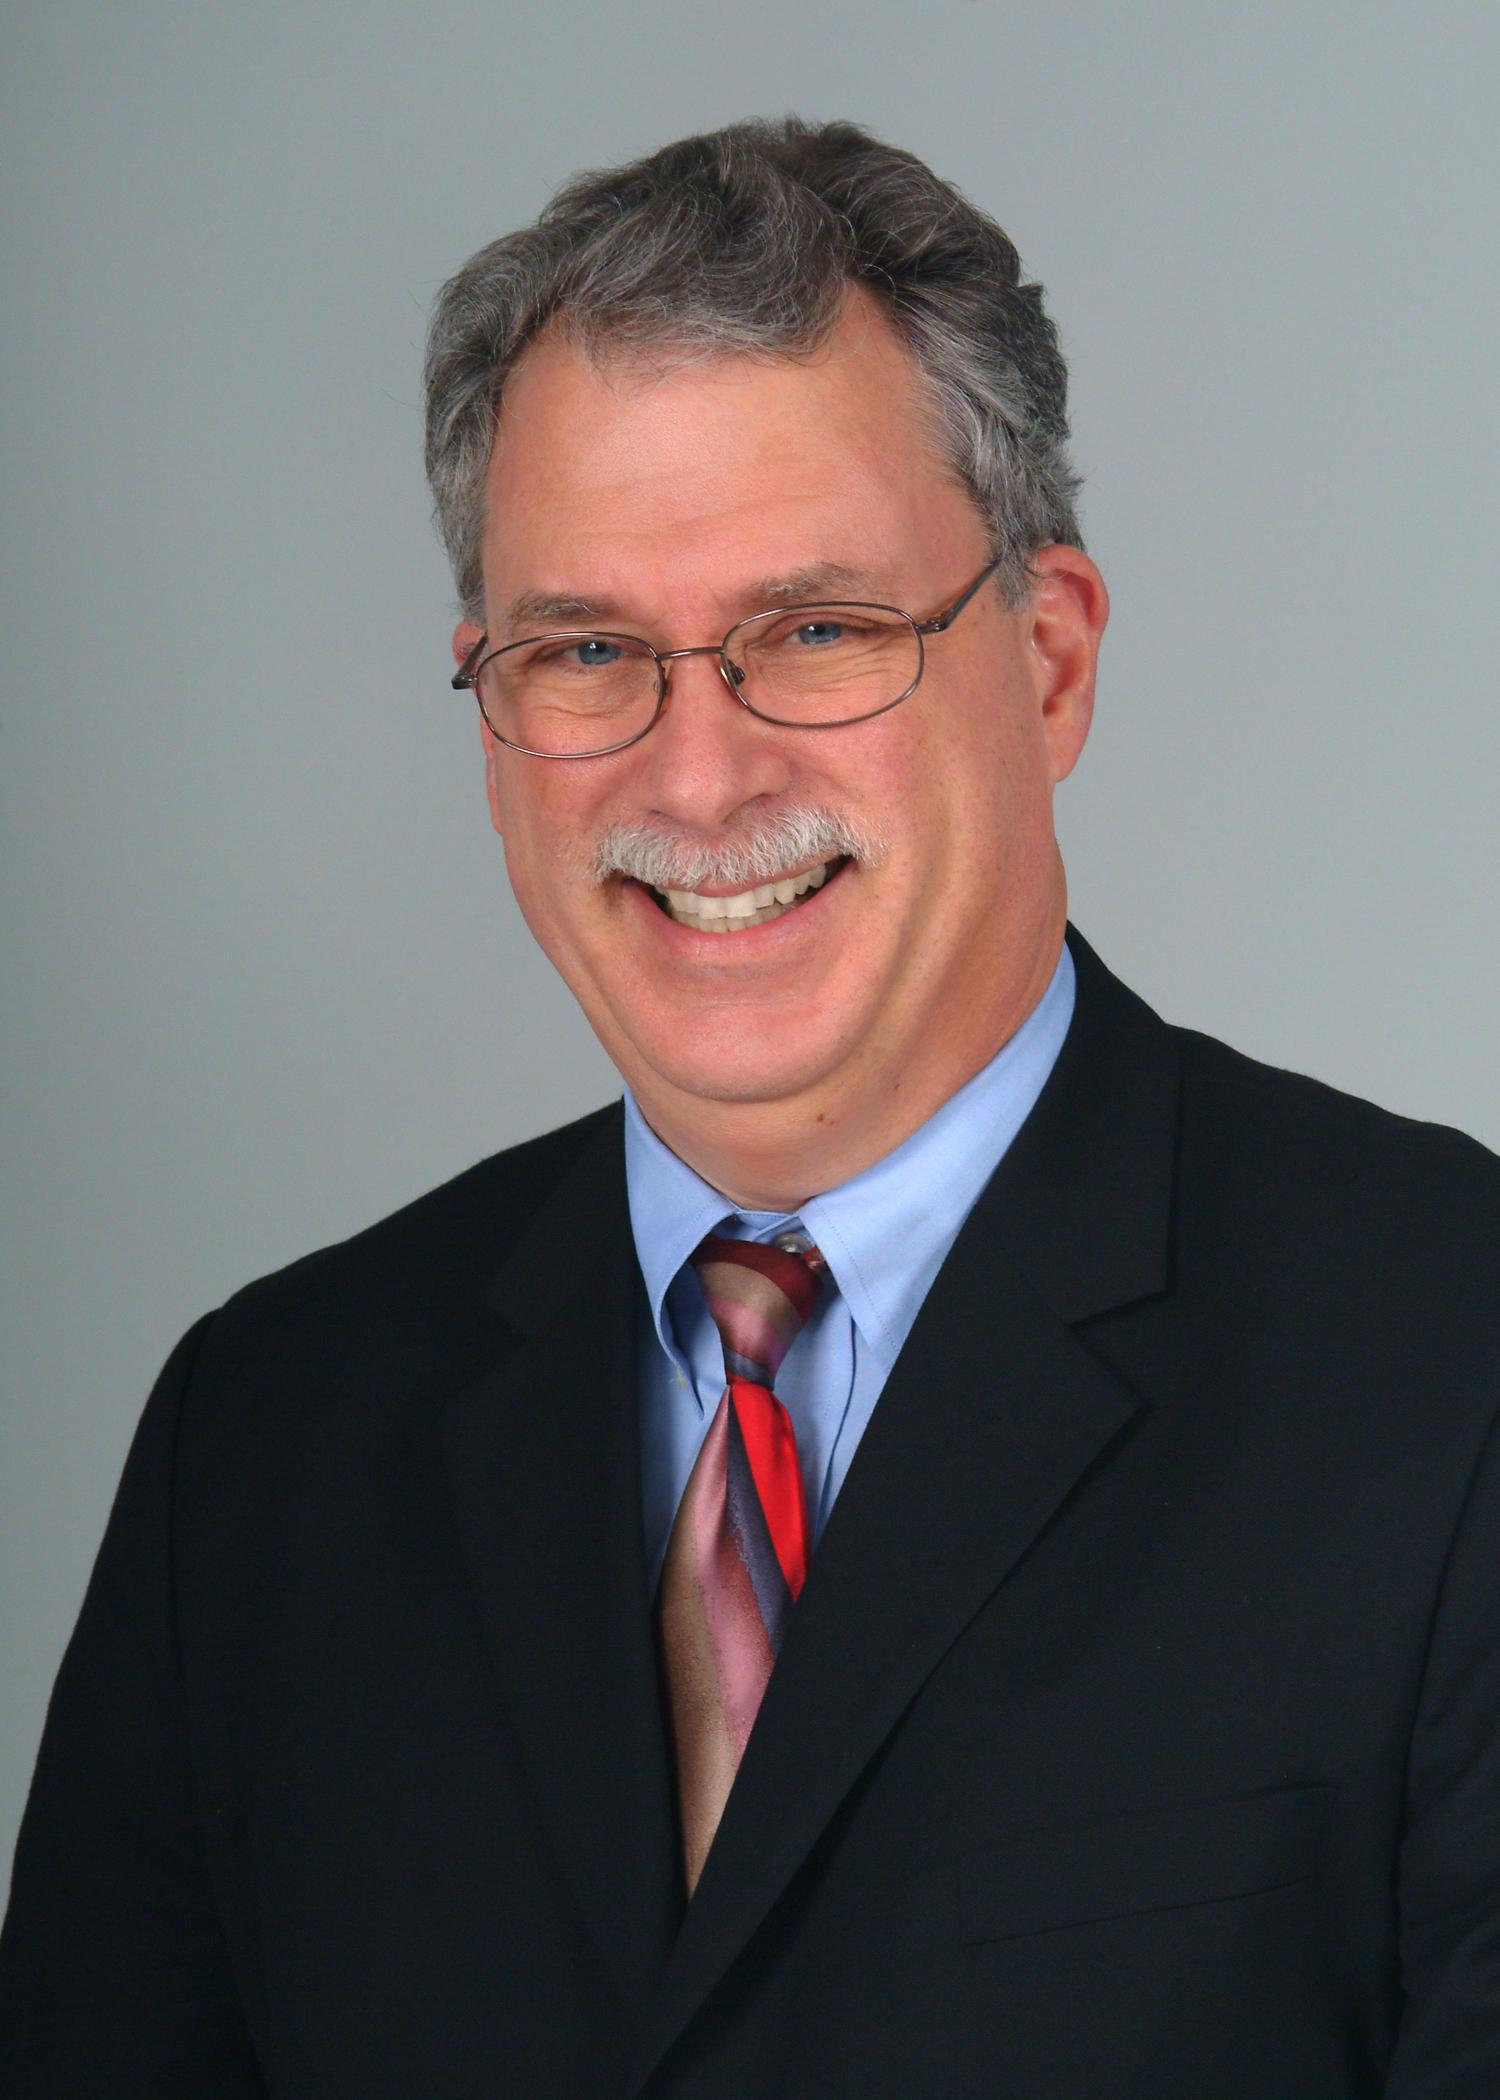 Robert Warren